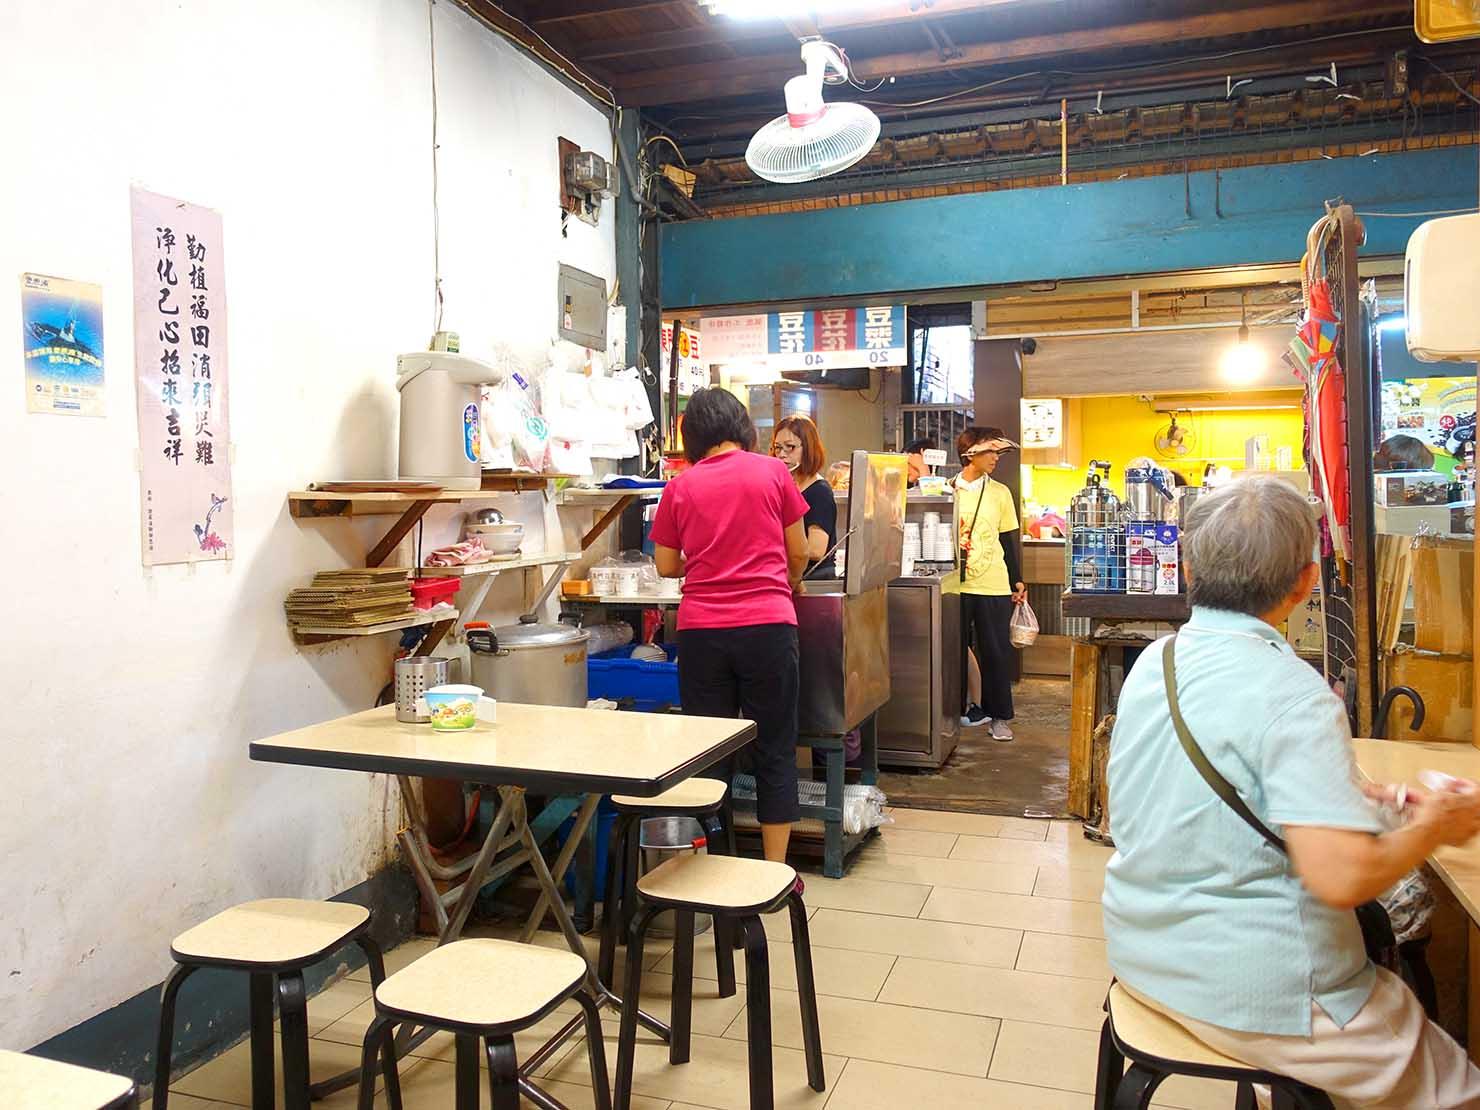 台北・永康街の豆花がいただけるお店「江記東門豆花」の店内